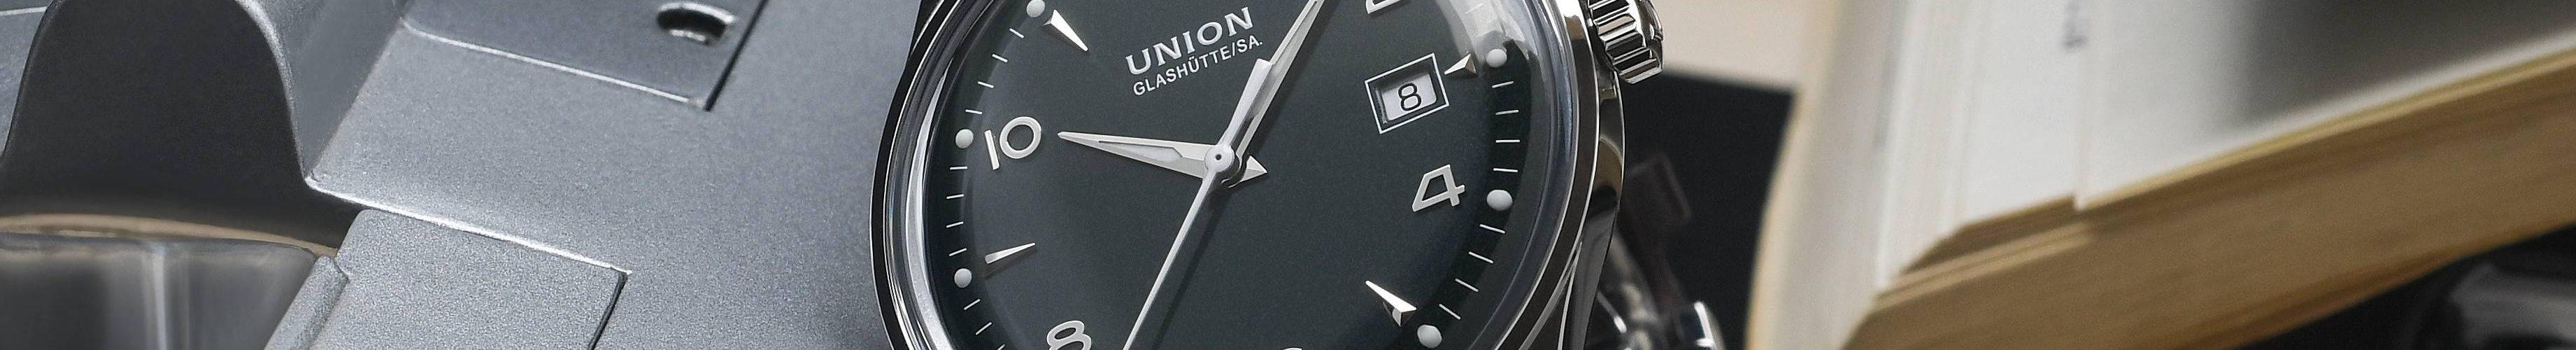 Union Glashütte_Noramis Datum_British Green_D012.407.16.097.00